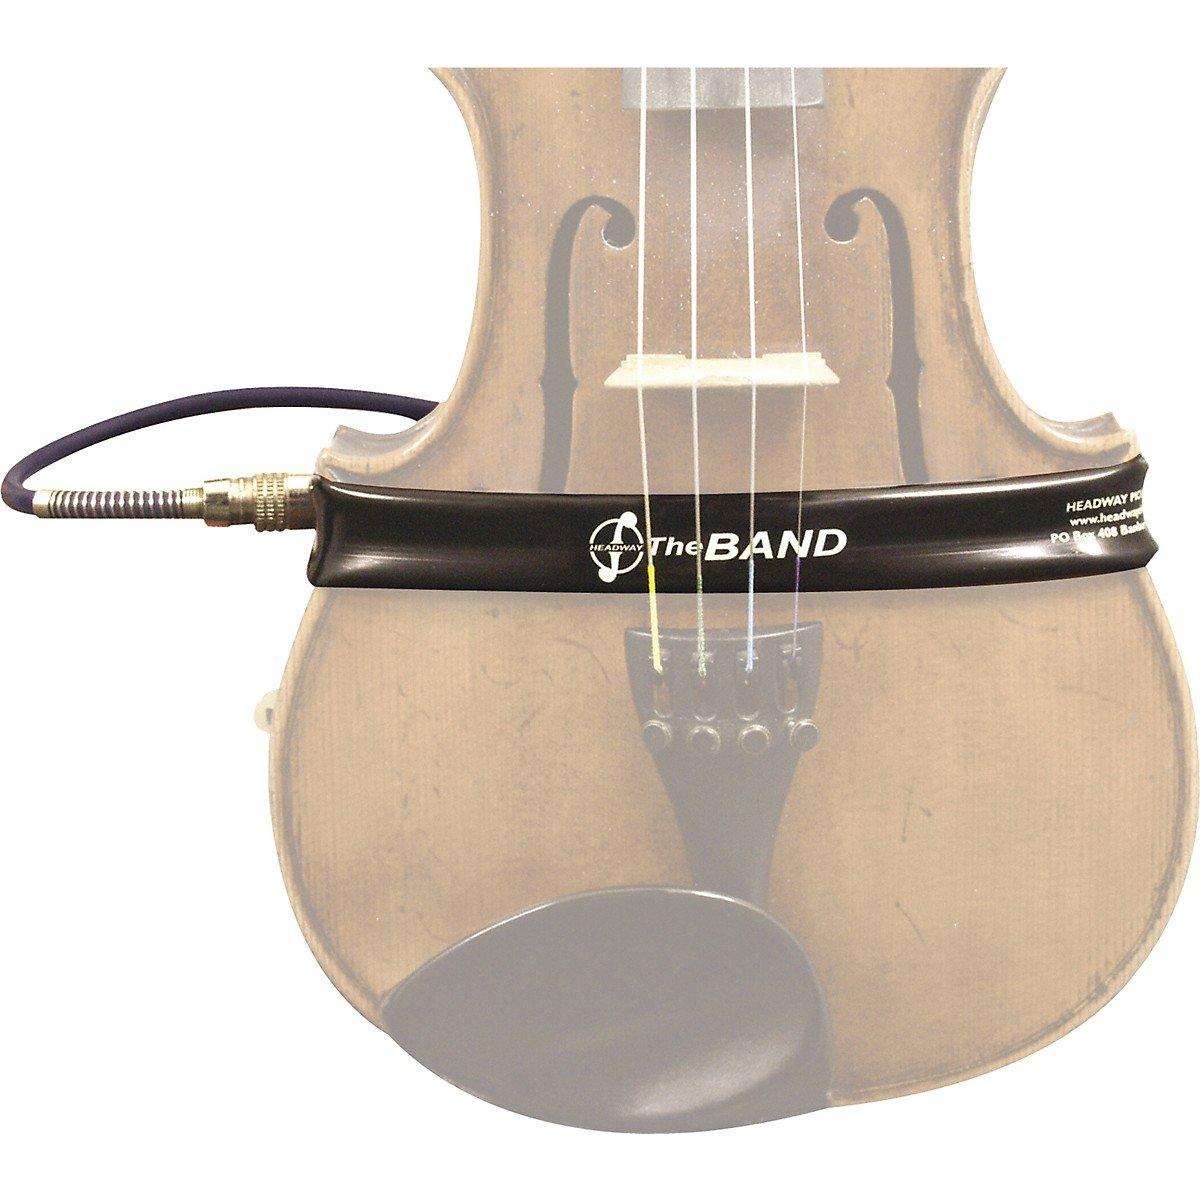 Headway Band Violin Pickup